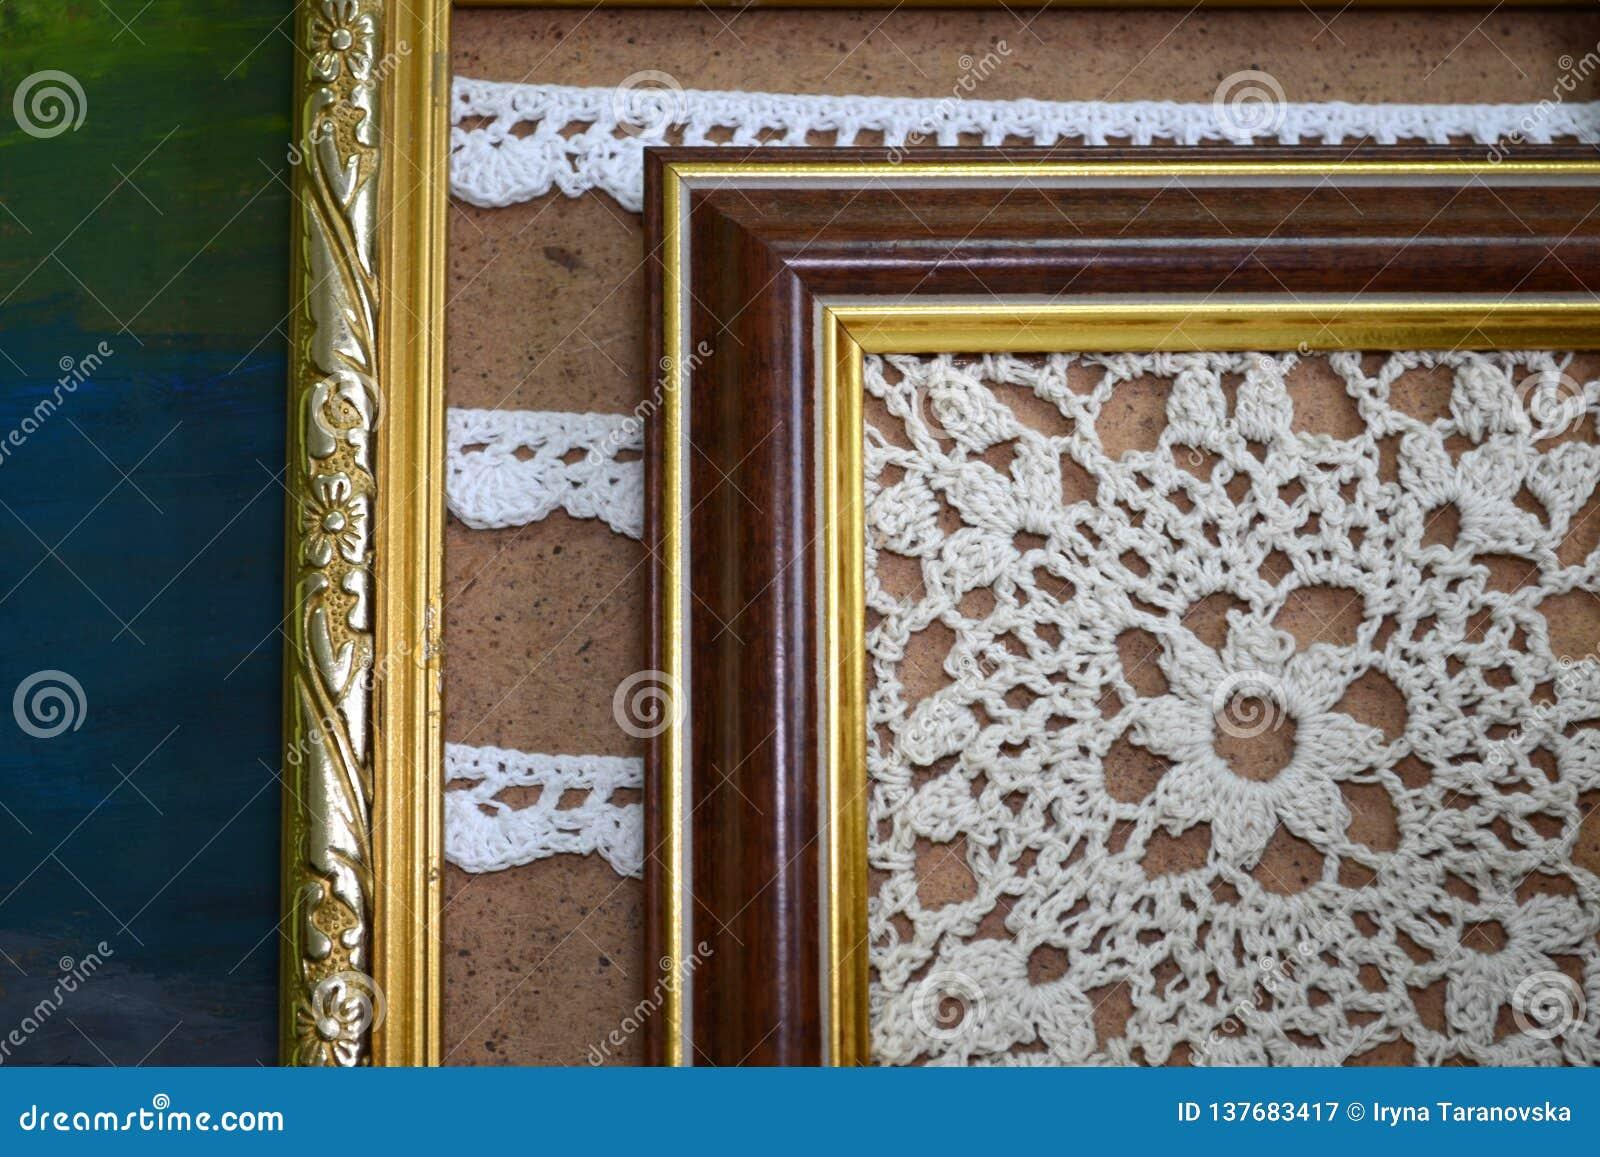 2 картины вязать крючком крючком с белыми потоками в винтажных деревянных рамках